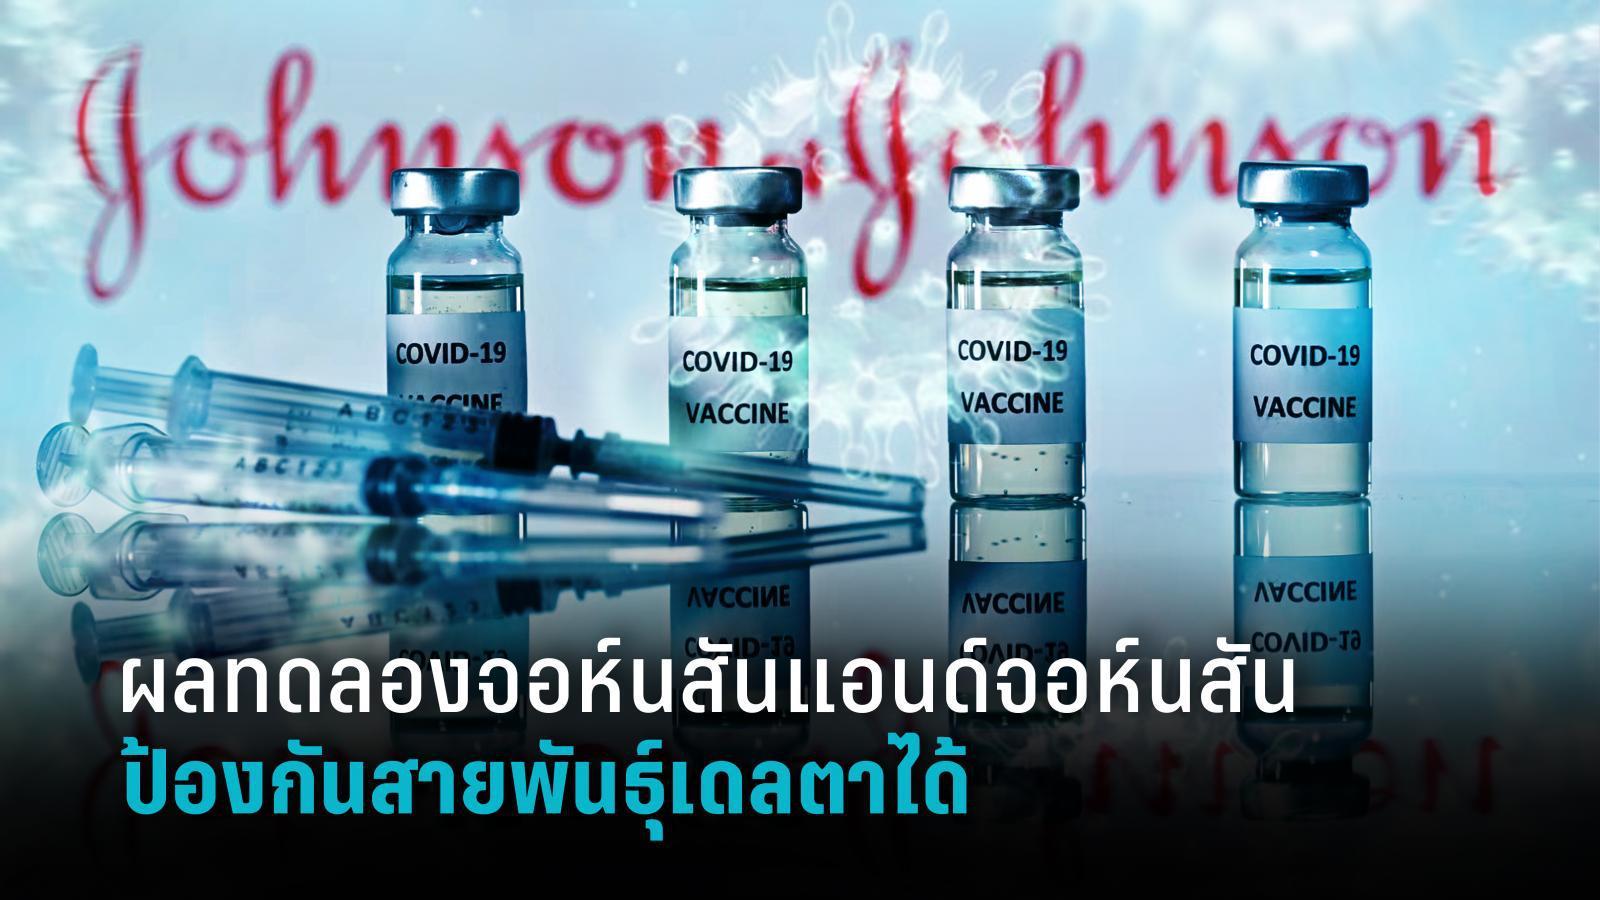 """วัคซีนจอห์นสัน แอนด์ จอห์นสัน (J&J) """"ป้องกันติดเชื้อโควิด-19 เดลตาได้"""""""